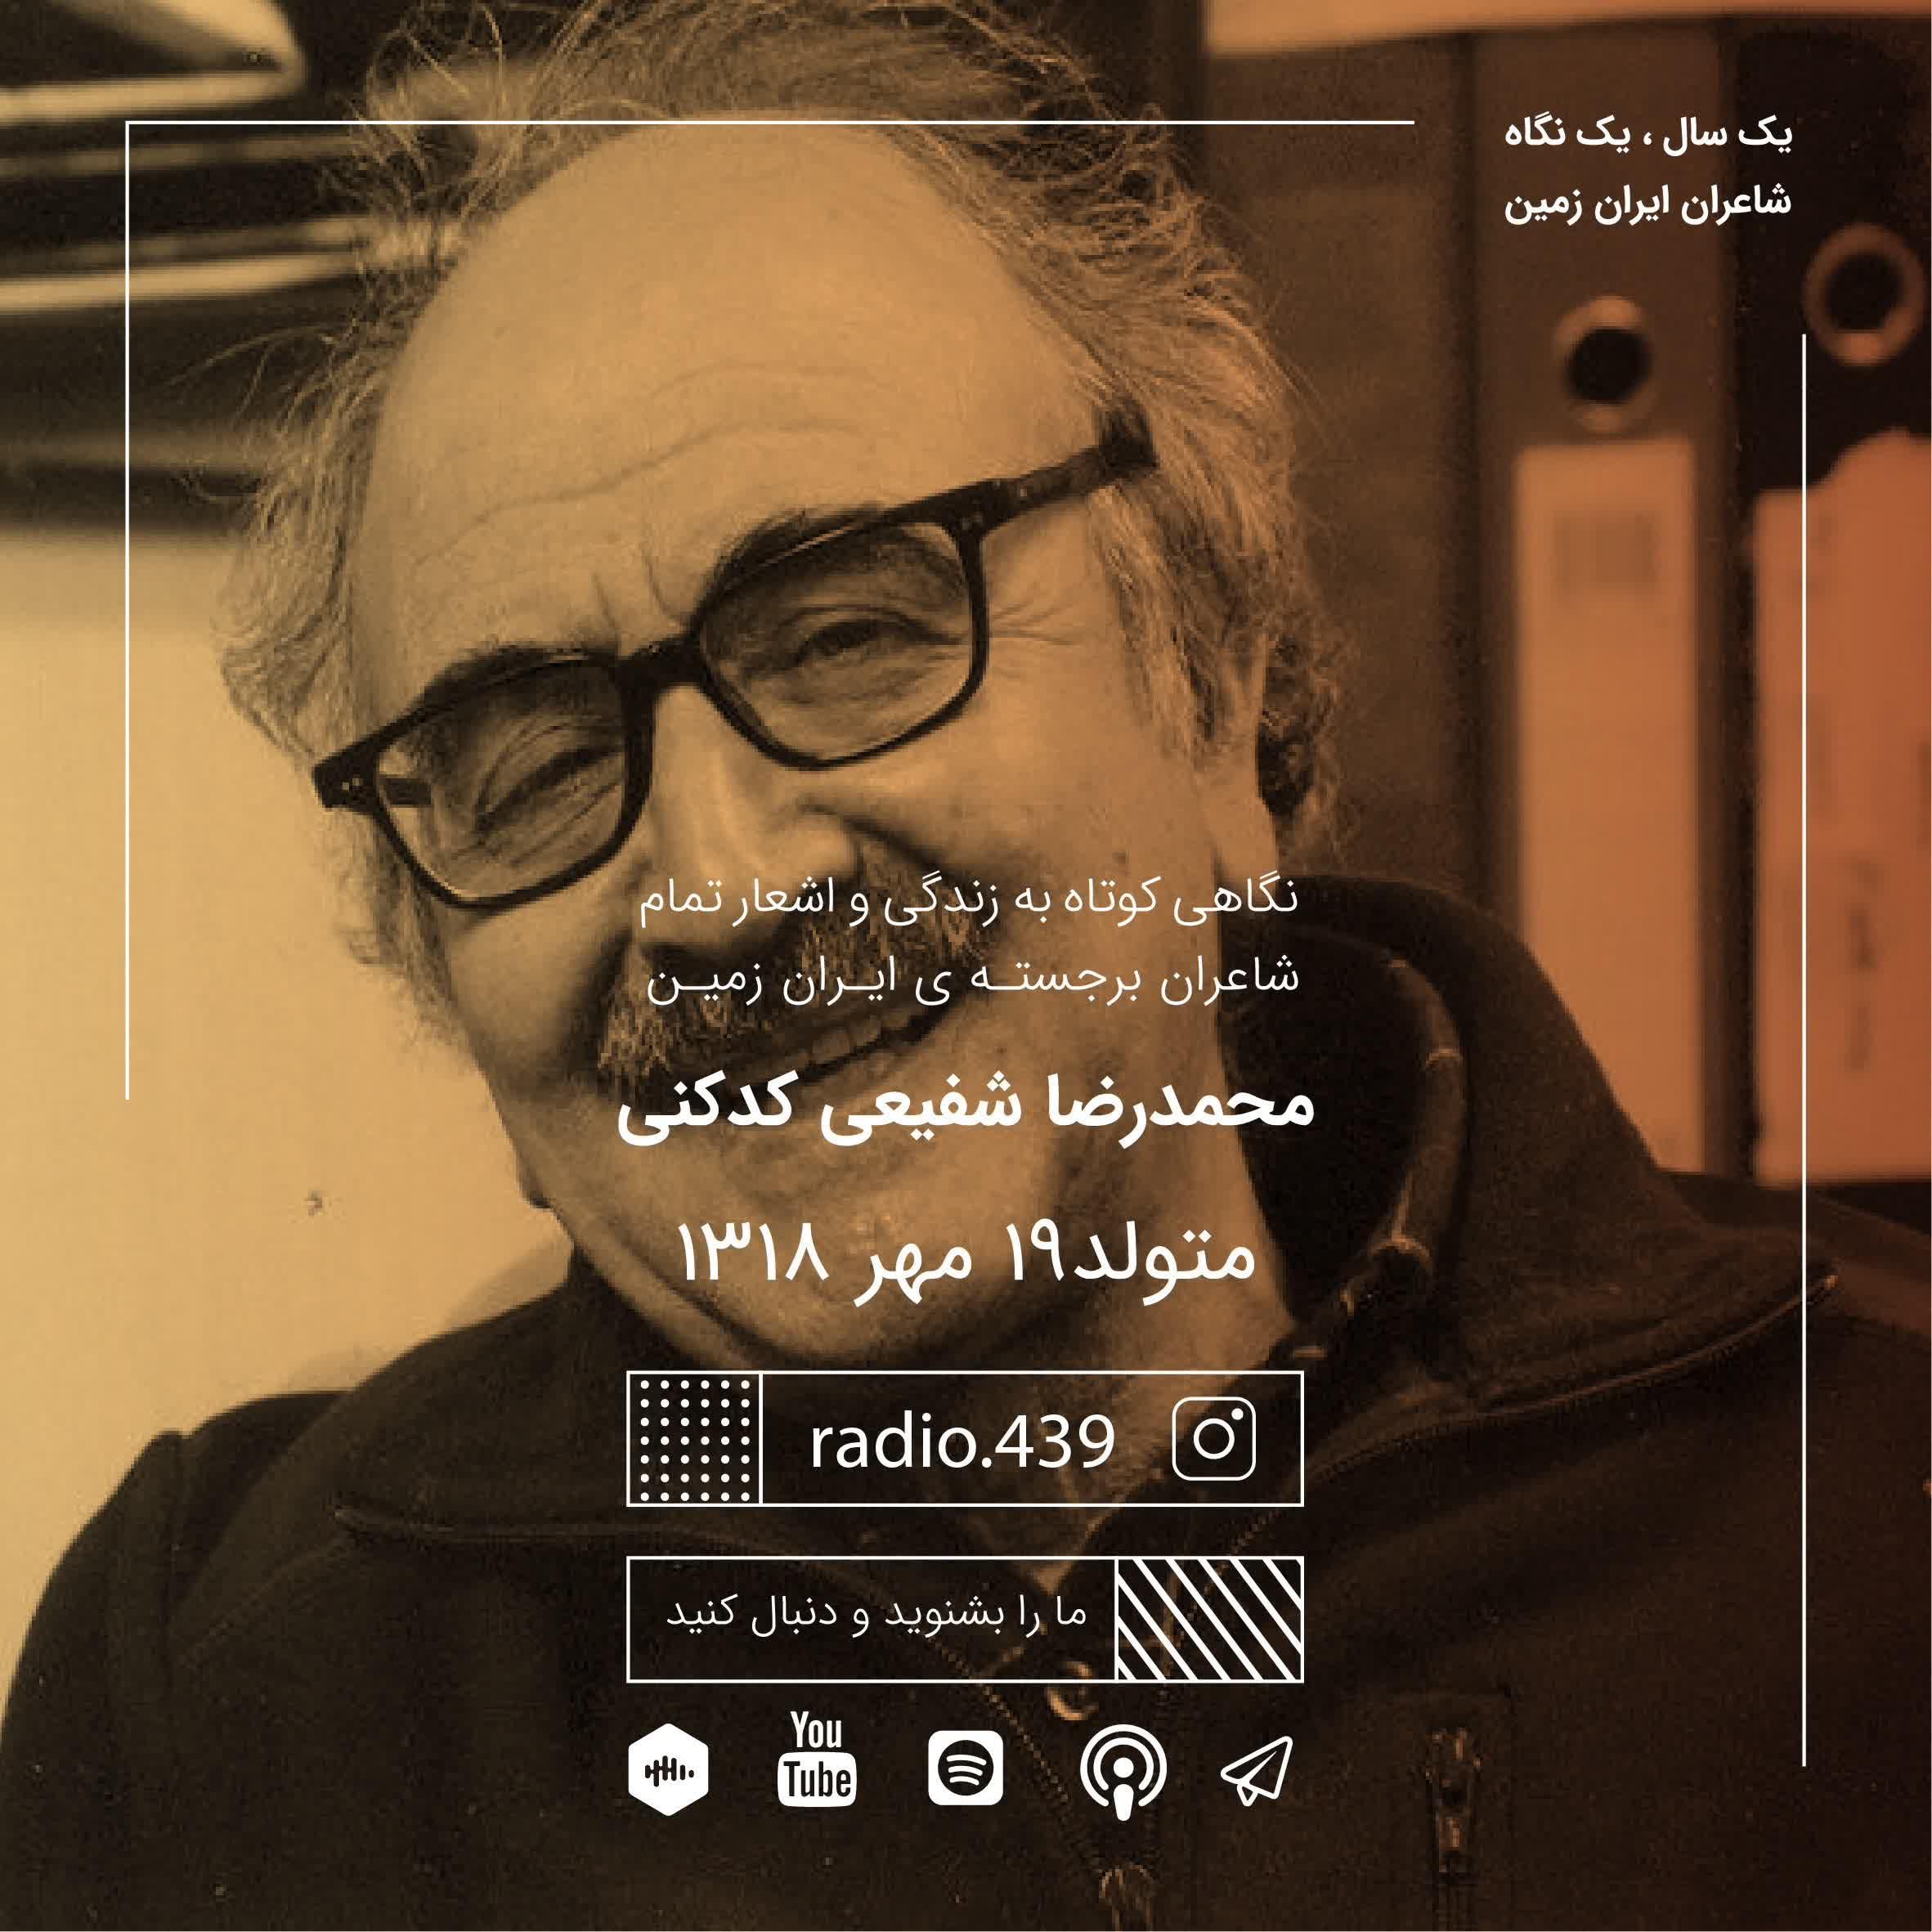 یک سال یک نگاه-نوزدهم مهر-محمدرضا شفیعی کدکنی